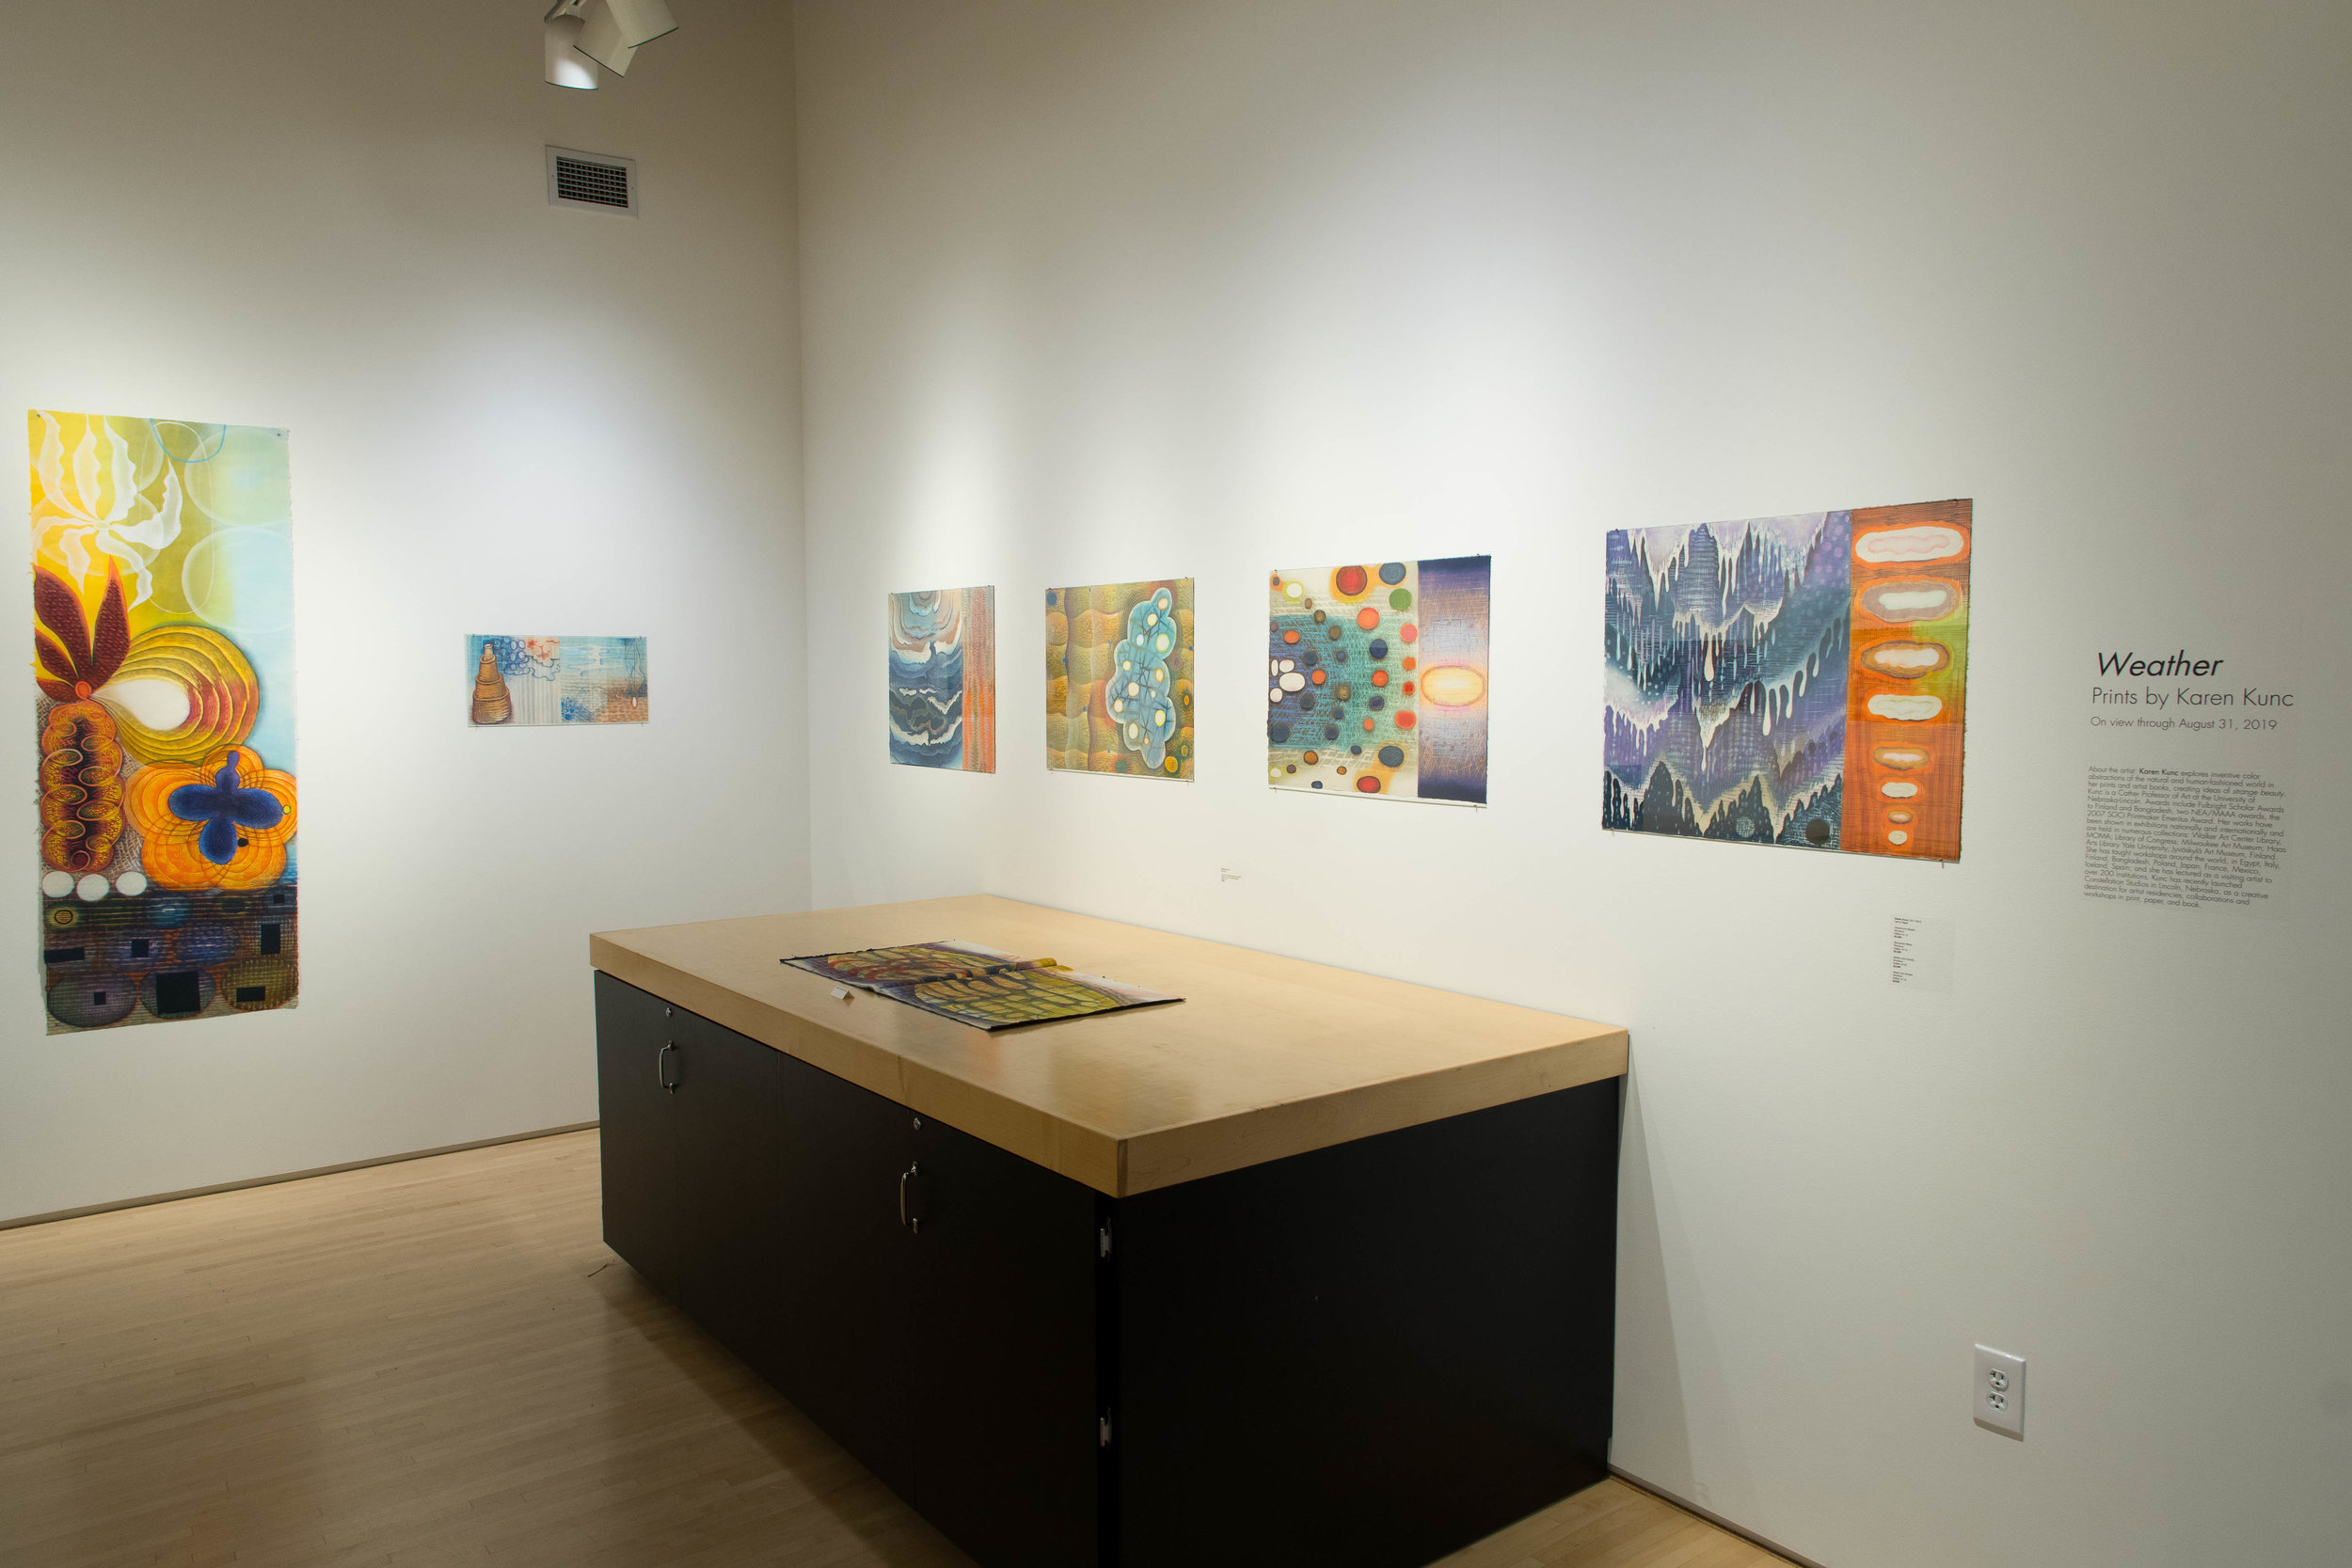 Highpoint ExhibitWeather by Karen Kunc190815a0040.JPG